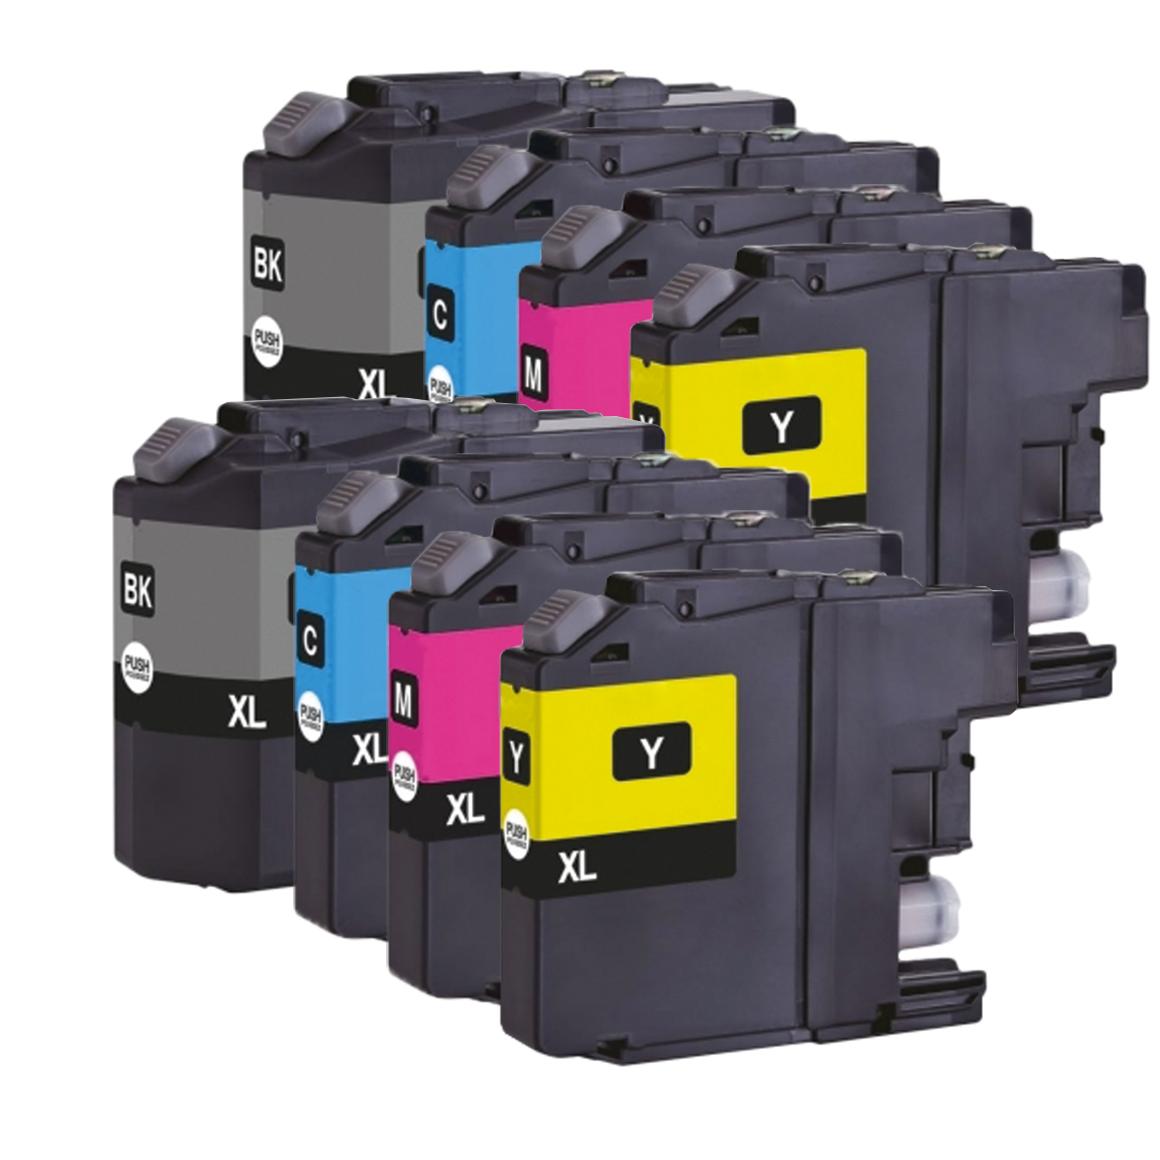 Afbeelding van 2x Brother LC 127 XL Multipack (huismerk inktcartridges)